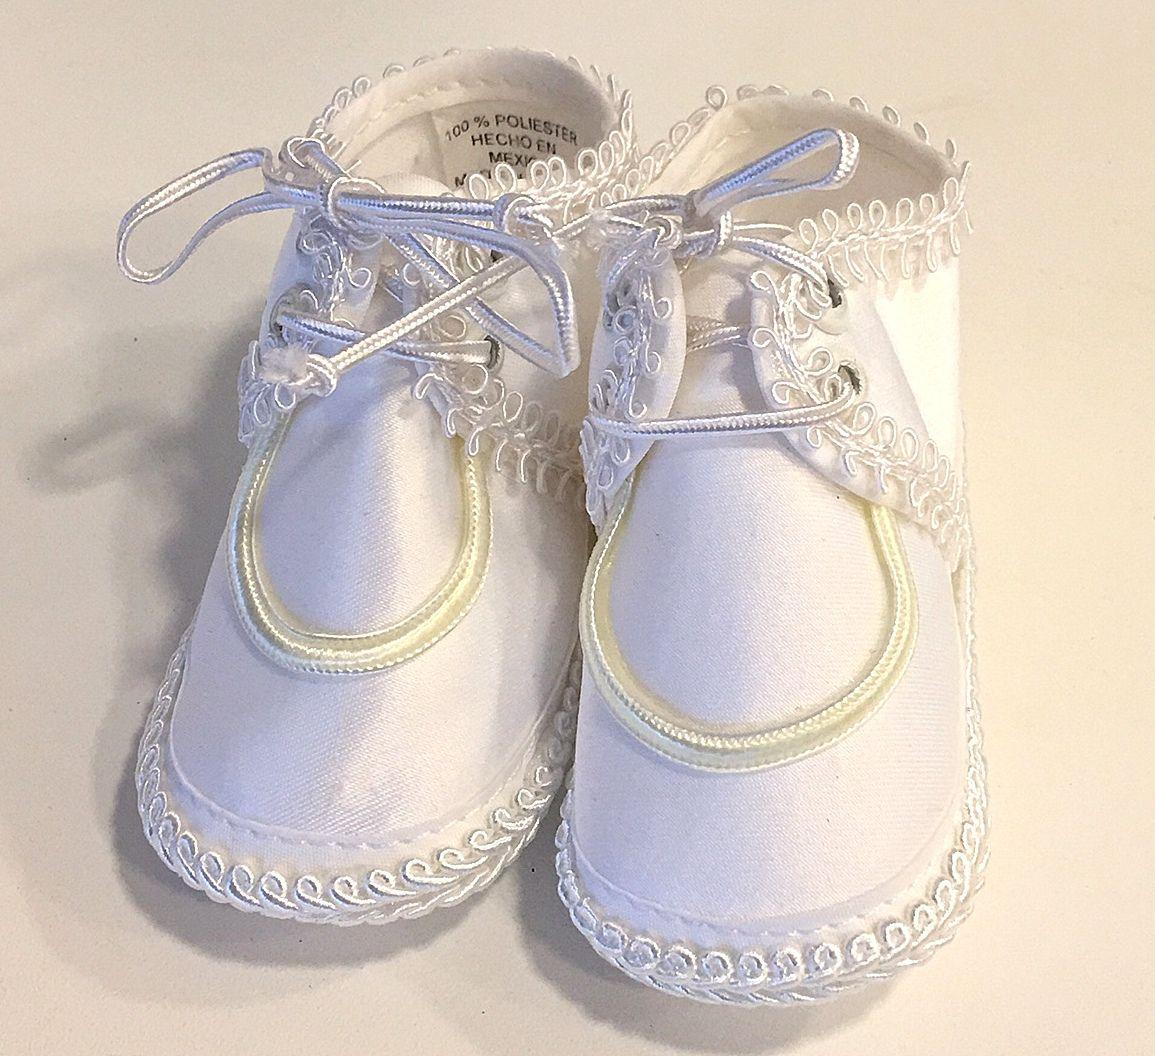 Keresztelő cipő fiú 005 3800.-Ft